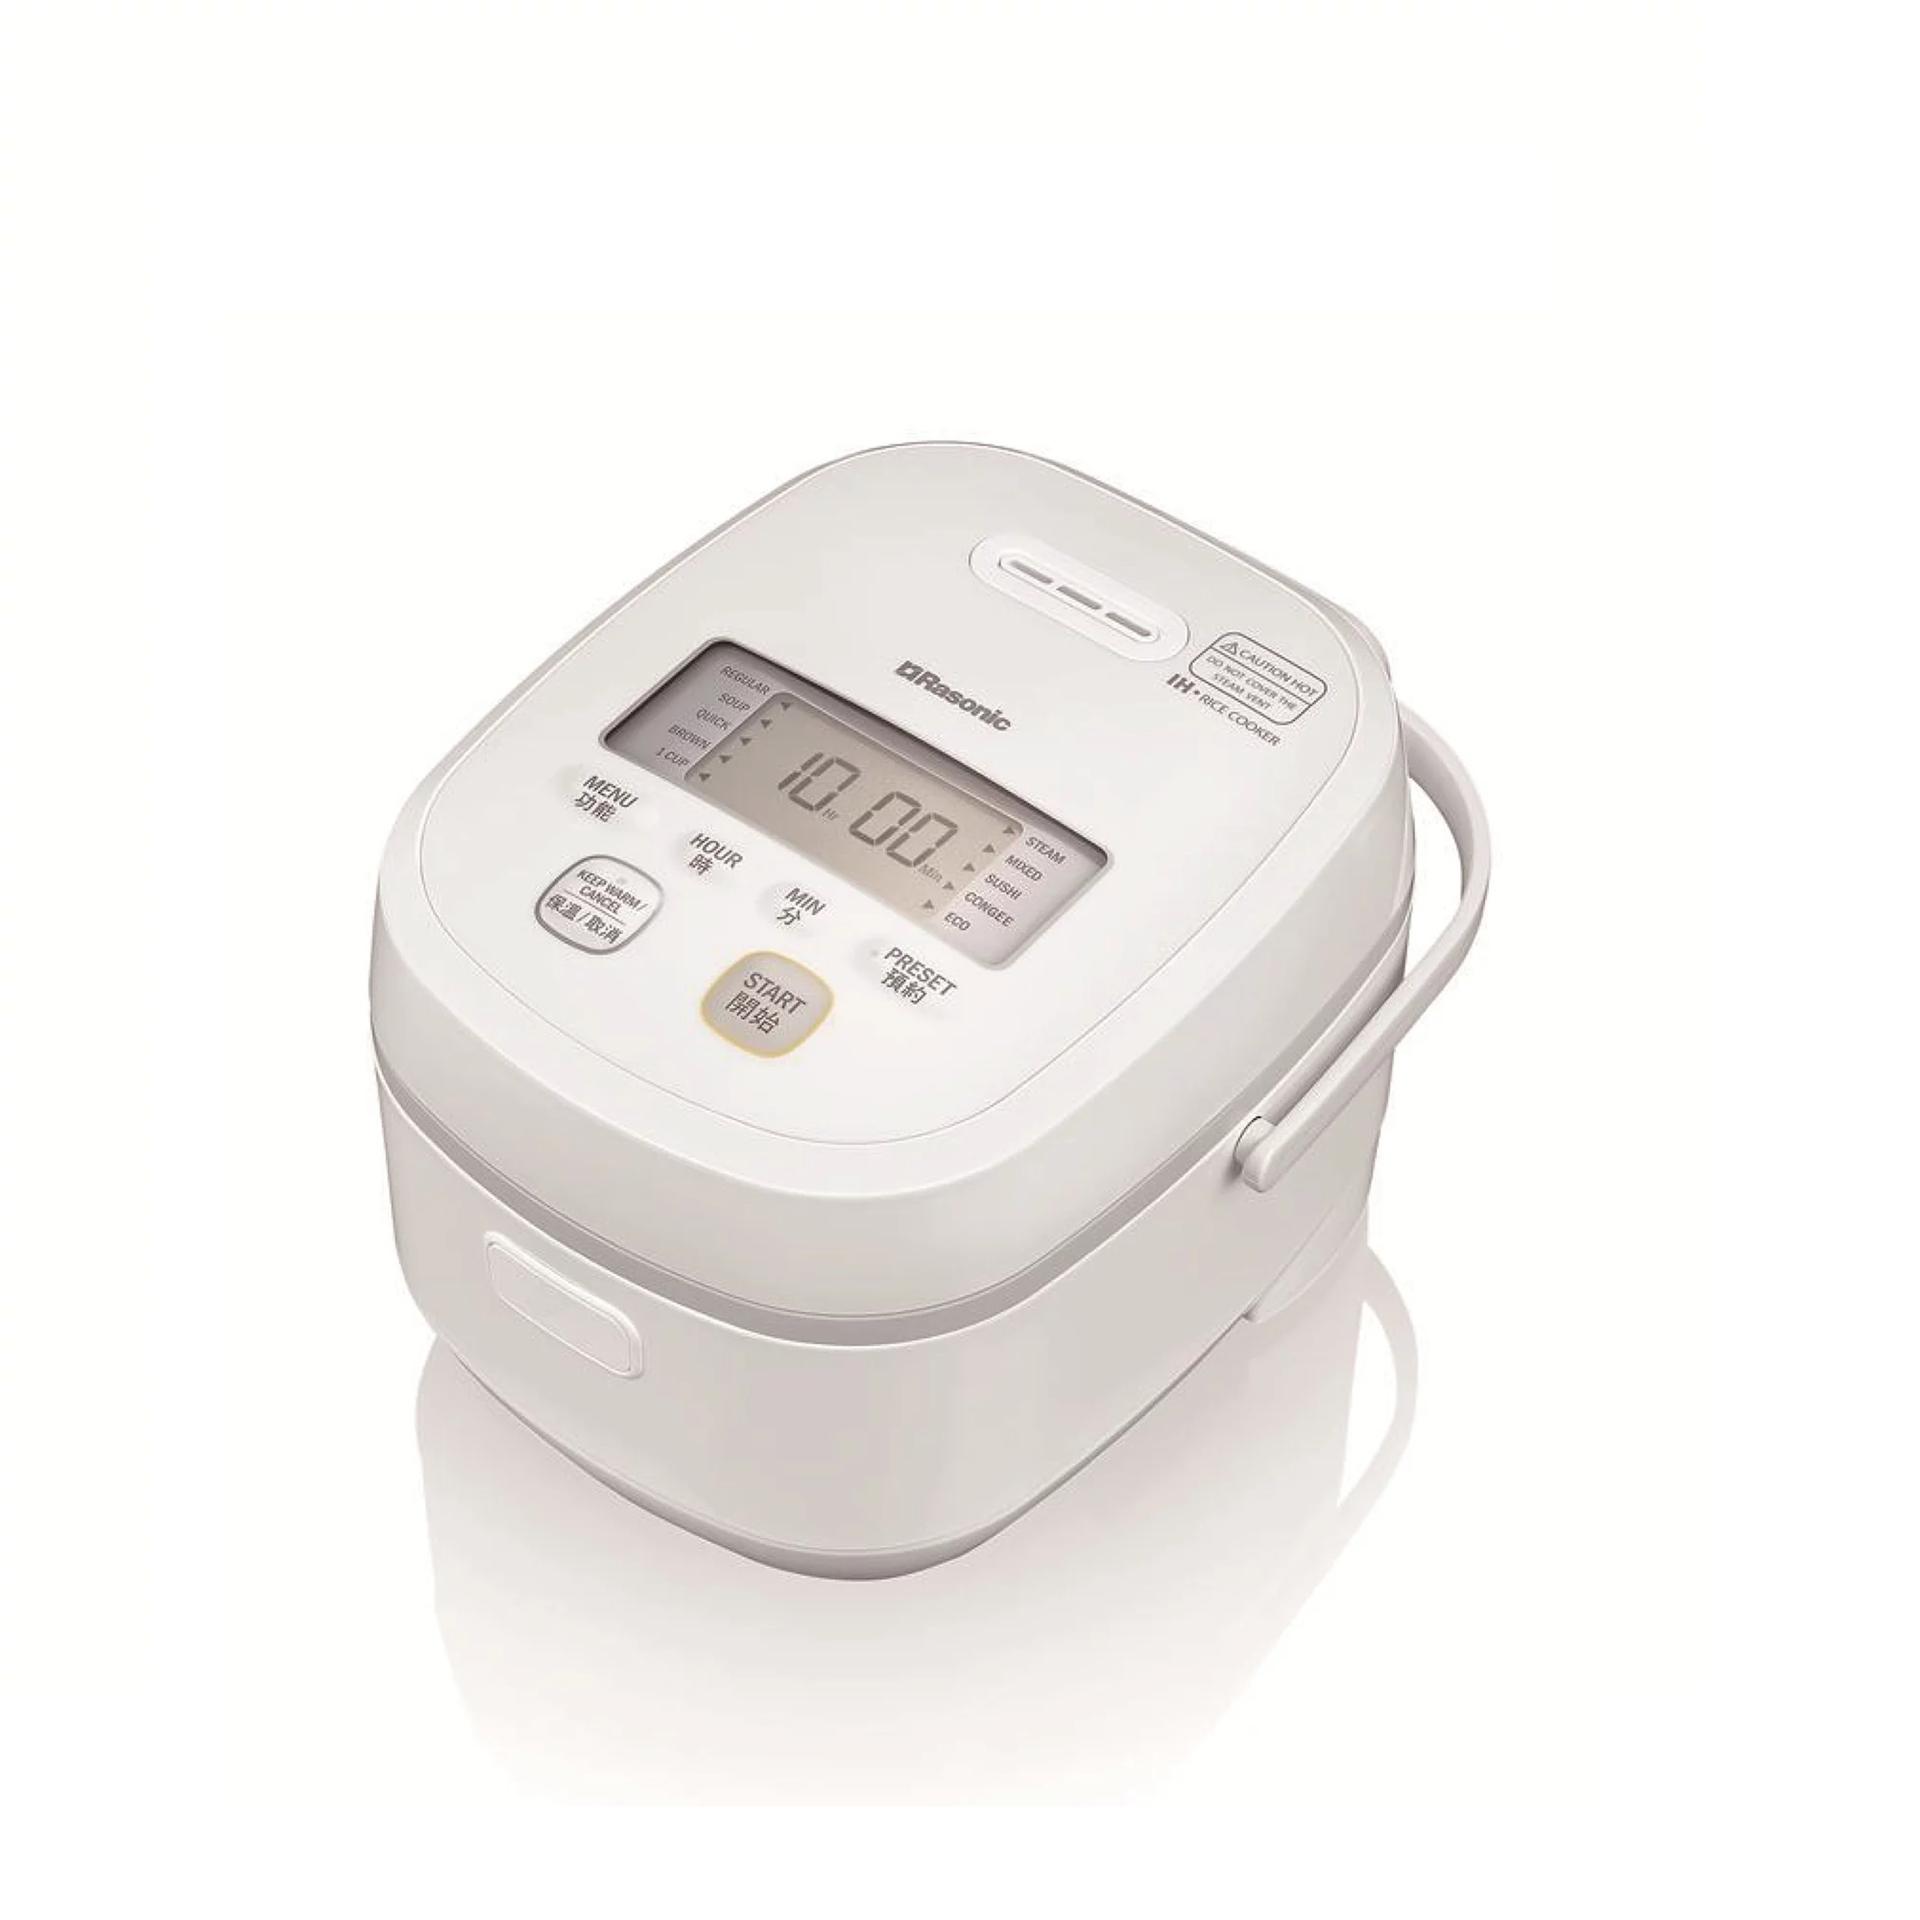 樂信 IH 磁應電飯煲 1.0升 RHC-DE110